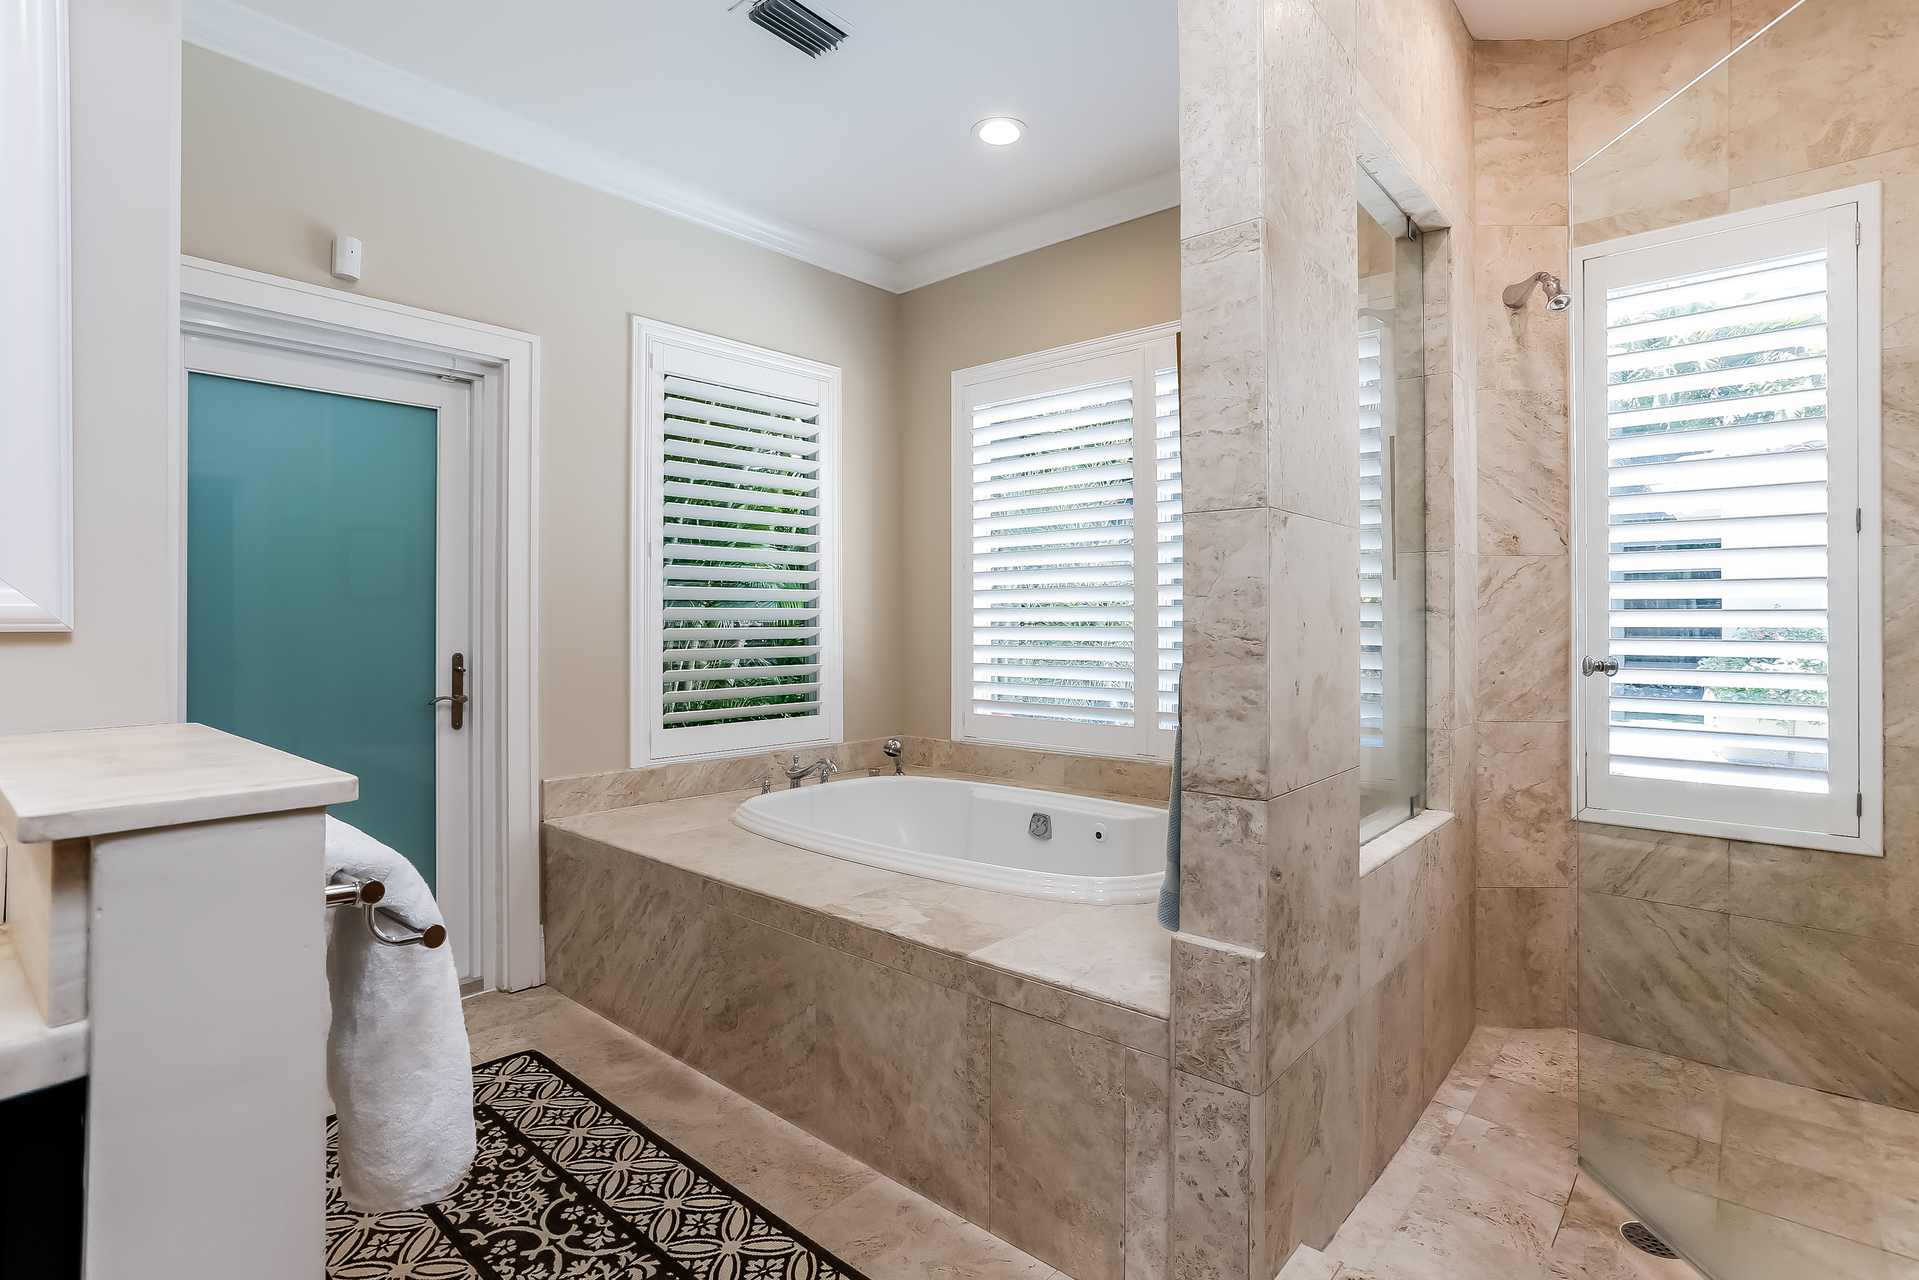 025-Master_Bathroom-2647594-medium.jpg